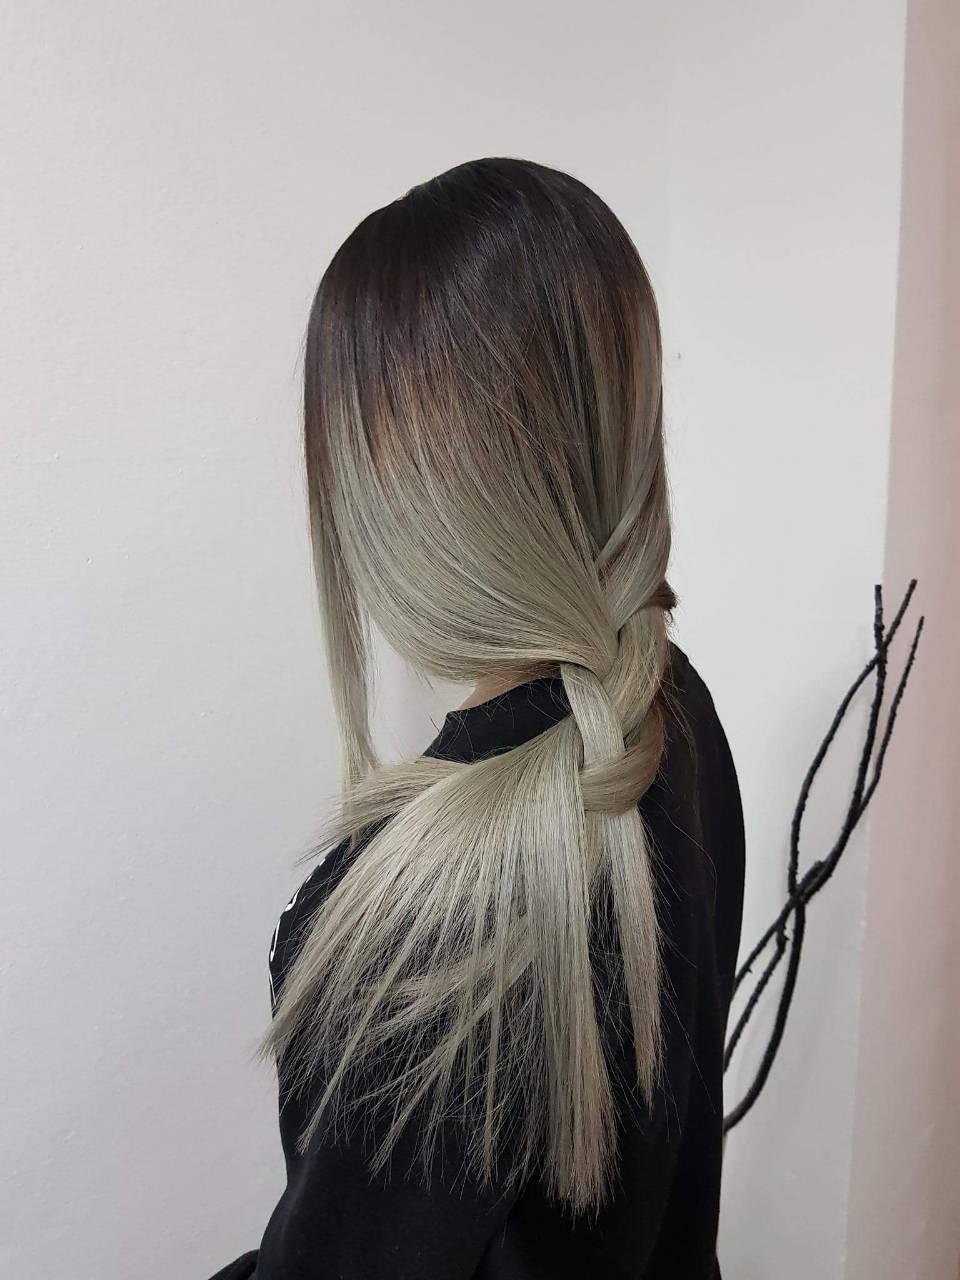 Brazilsko feniranje – spas za ravnu kosu